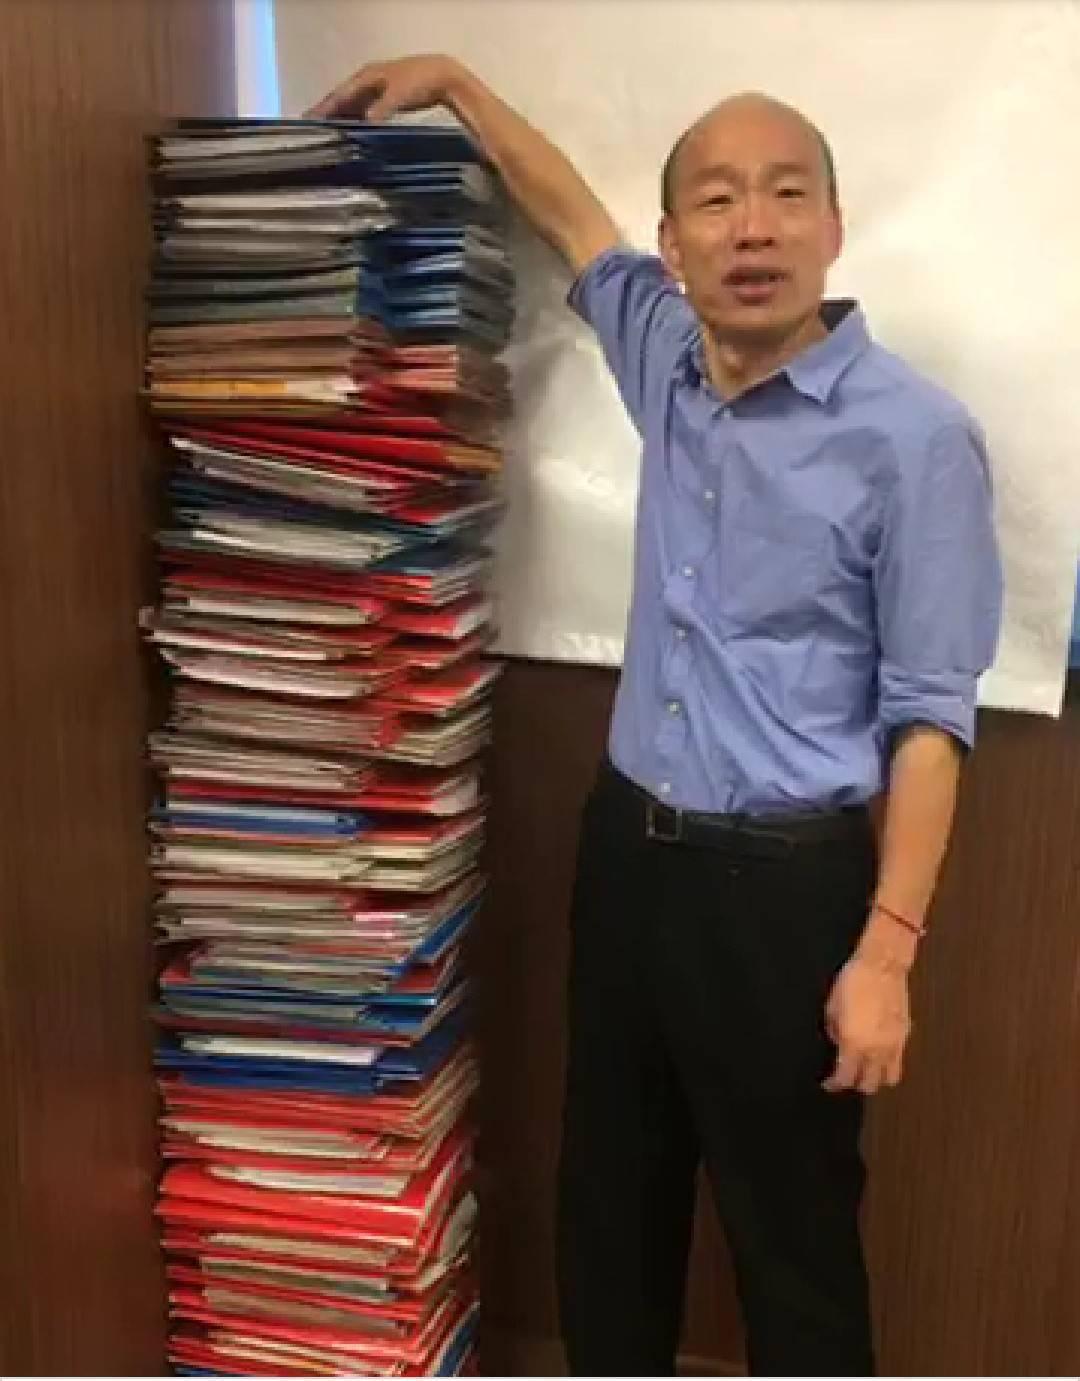 高雄市長韓國瑜昨在臉書直播,堆出跟他人一樣高的公文說要跟行政院長蘇貞昌「PK」,...